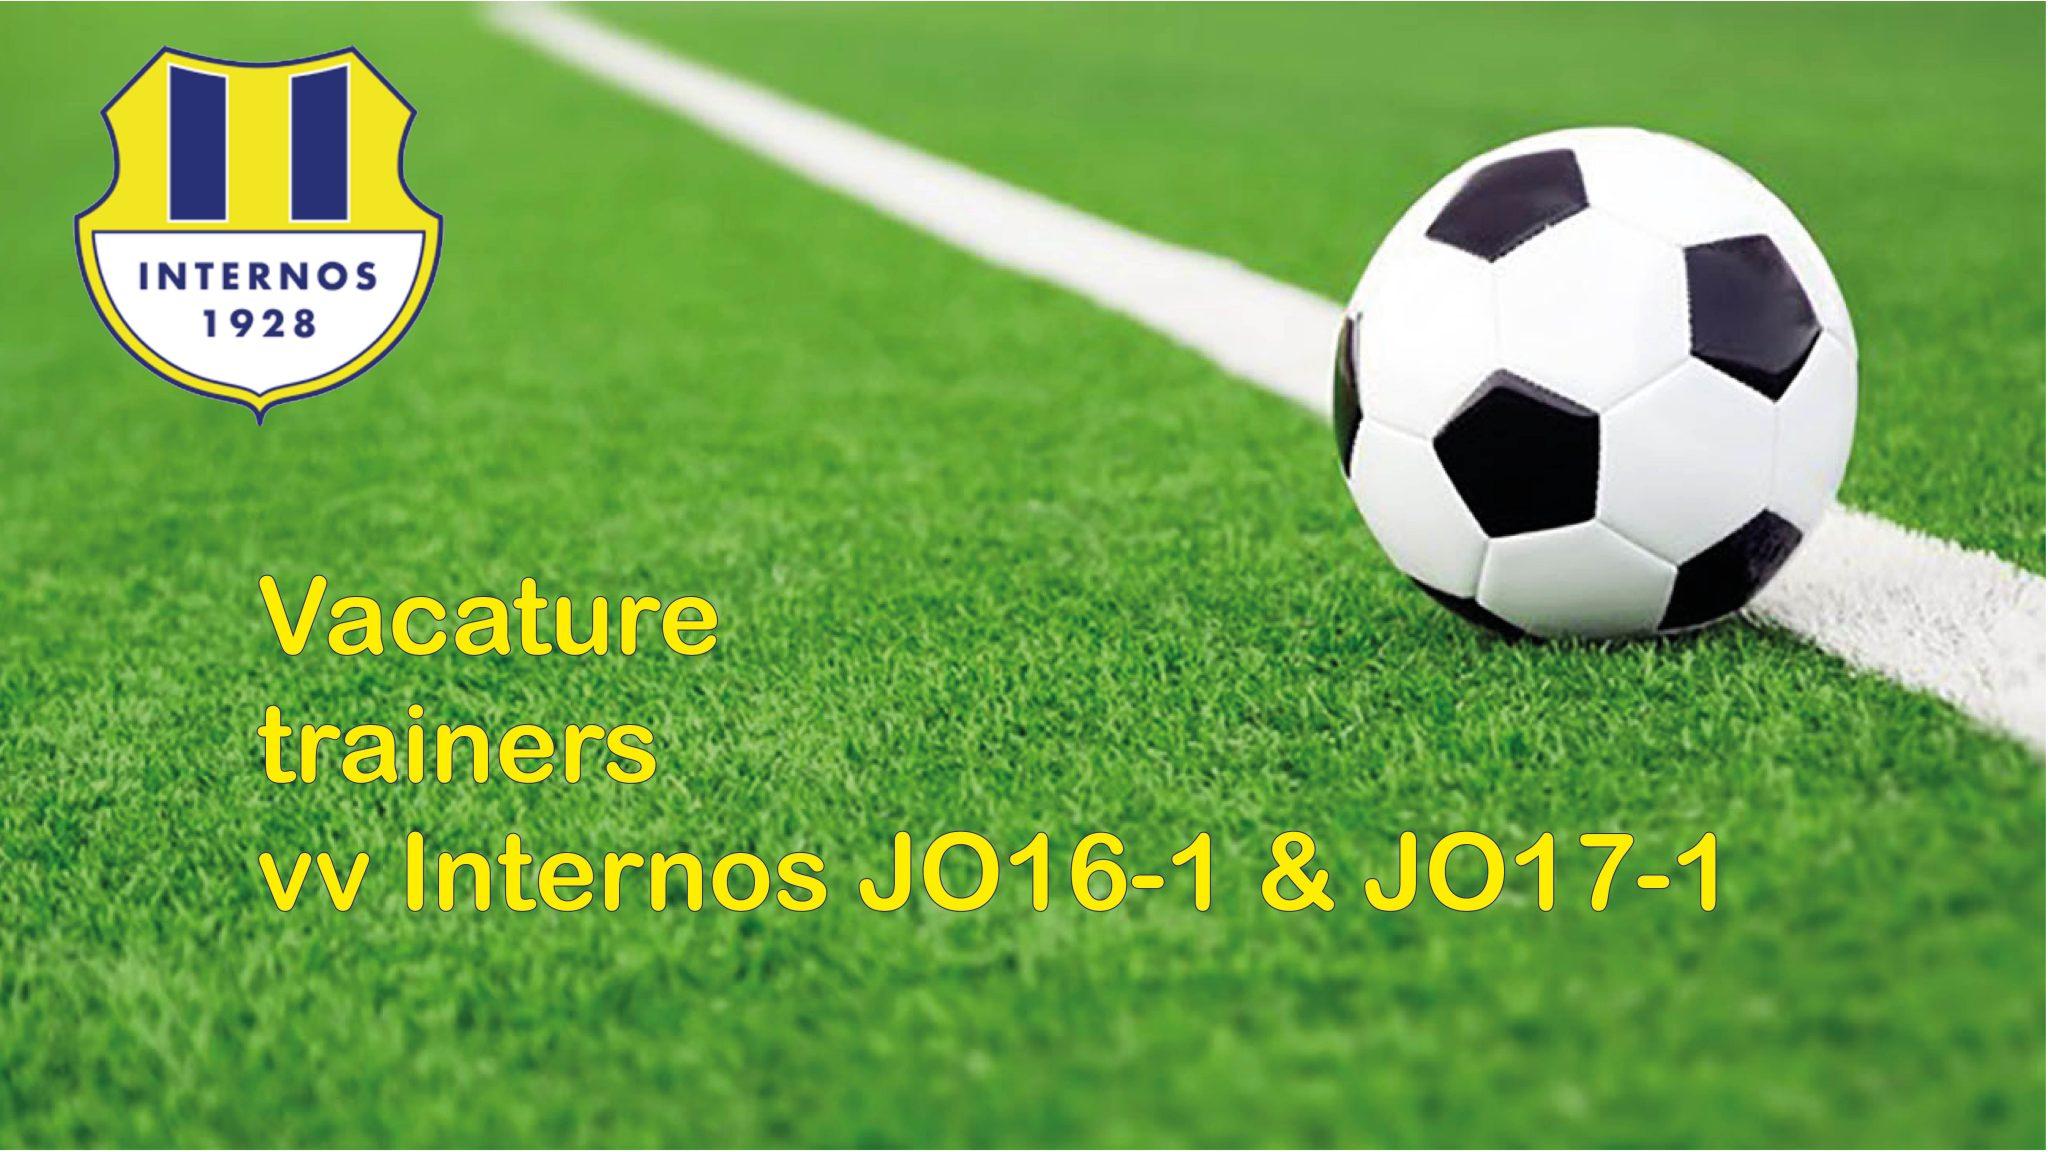 Trainers gezocht voor JO16-1 & JO17-1